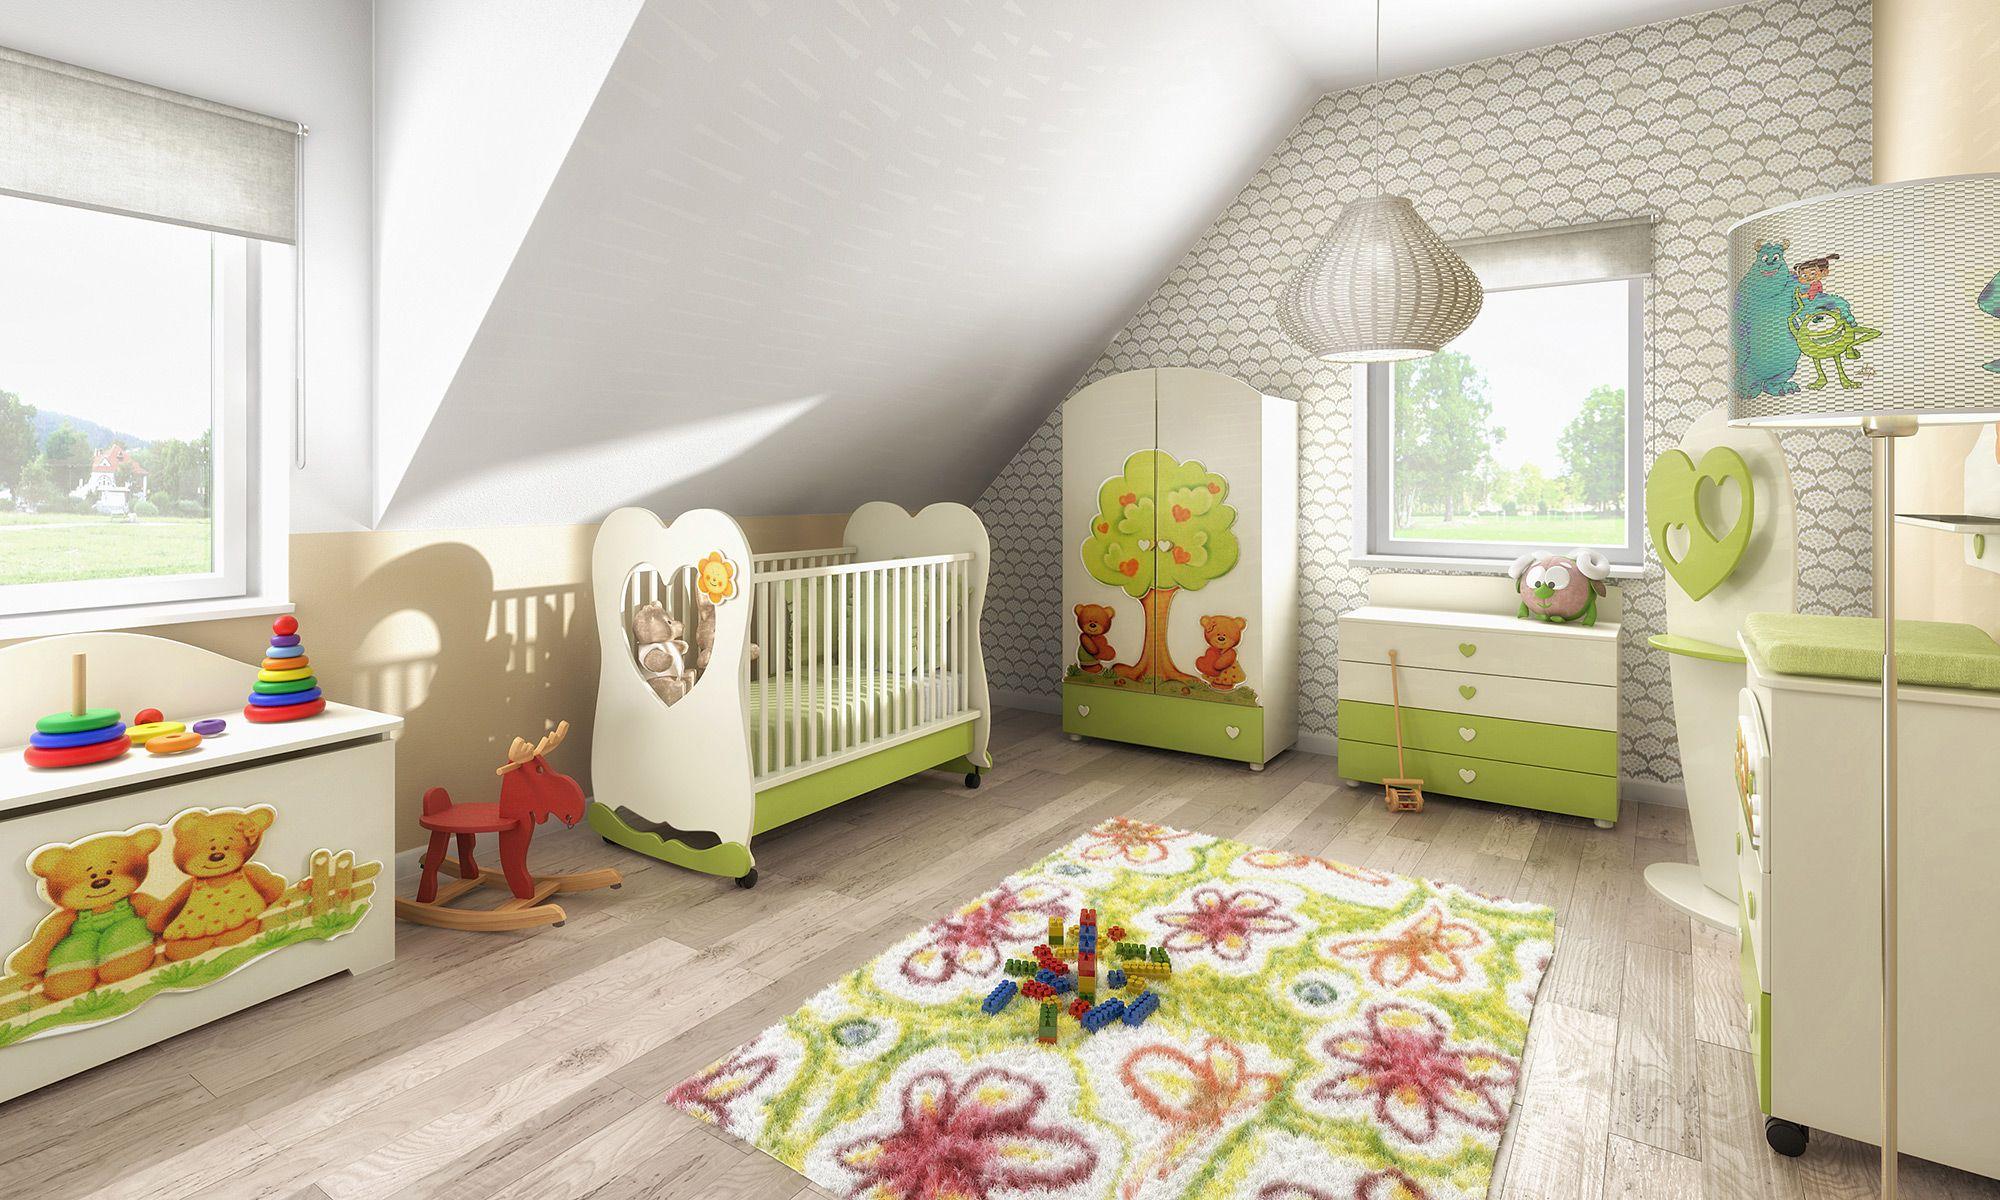 Flair 125 - Kinderzimmer Trend, eine Einrichtungsidee.   Wohnen und ...